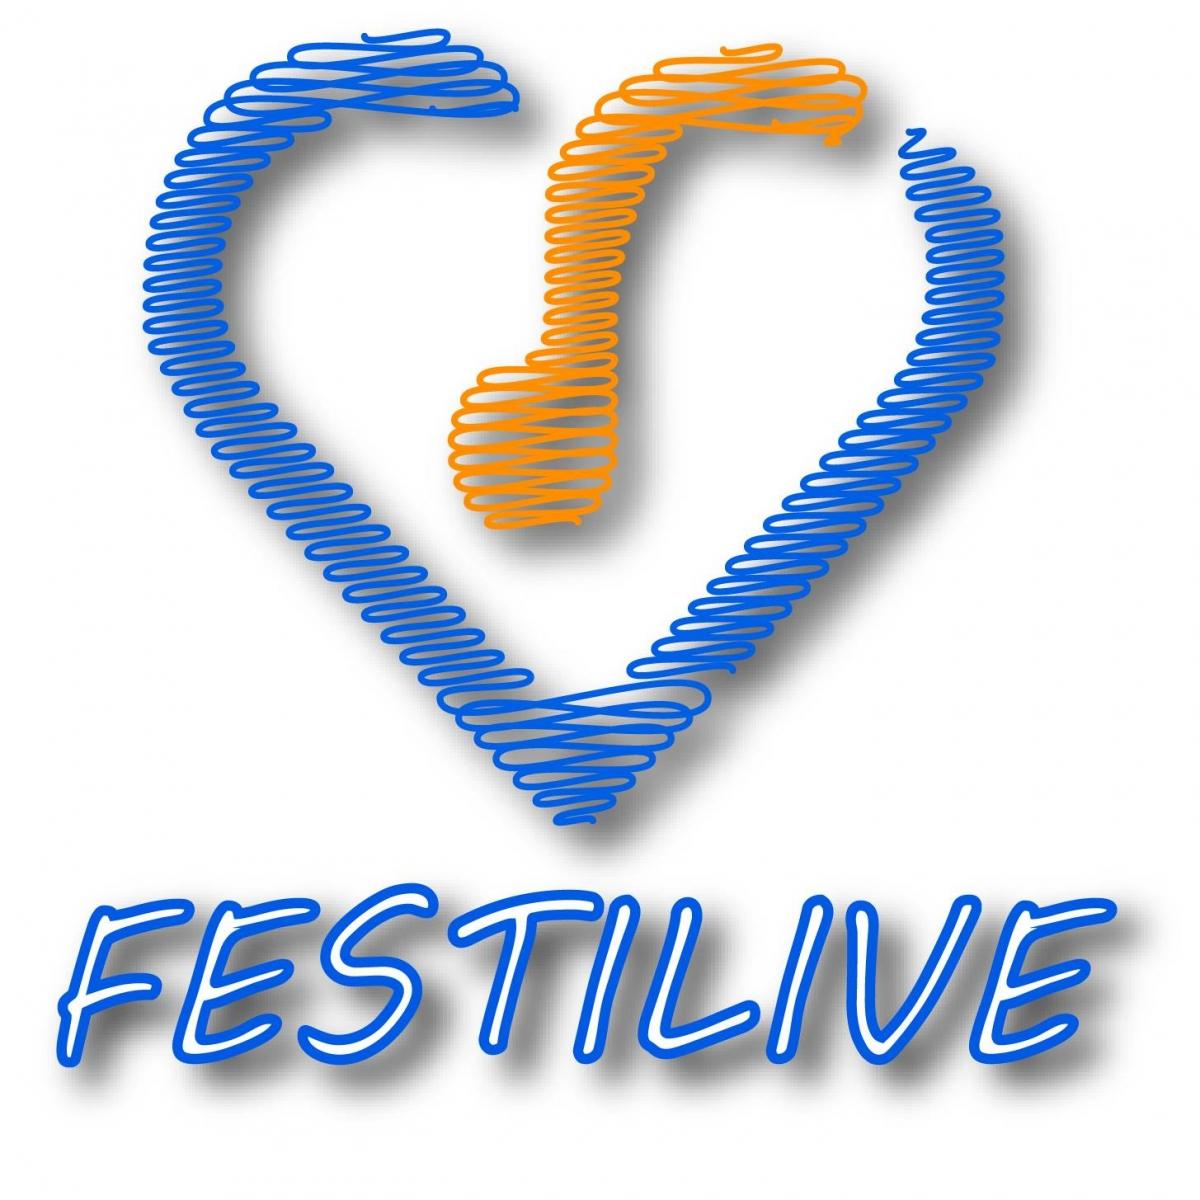 INTERNATIONAL FOLK ON LINE FESTIVAL FESTILIVE.